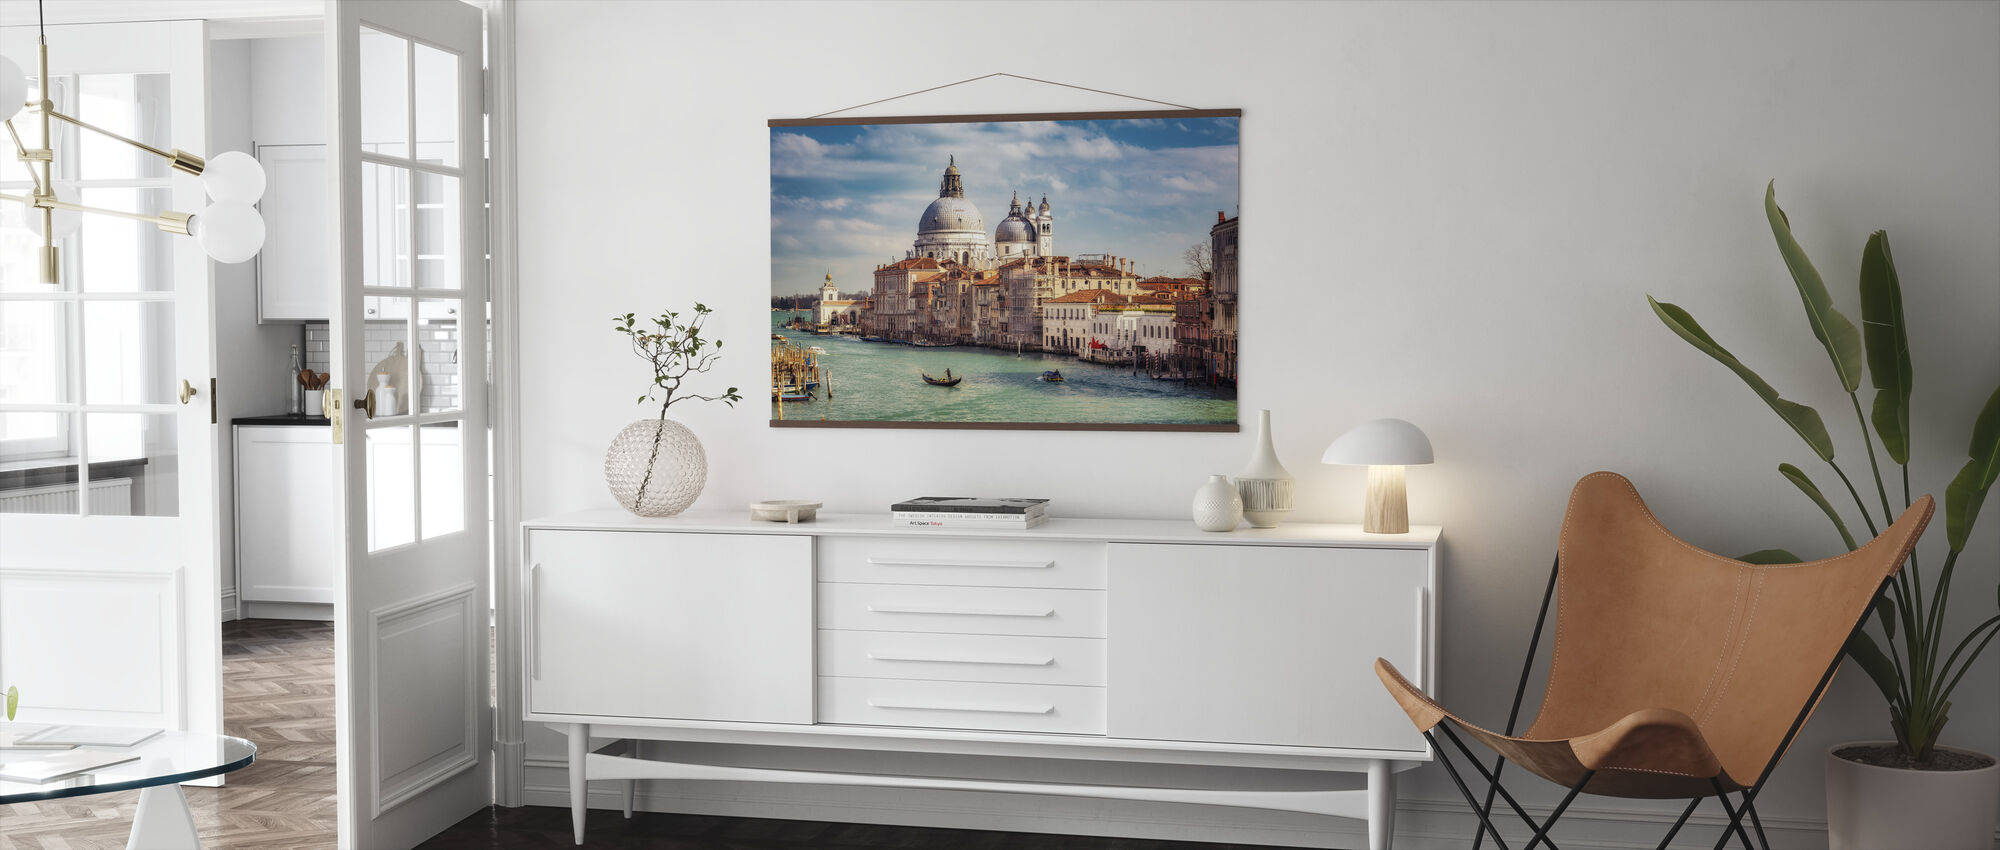 Basilica Santa Maria della Salute in Venice - Poster - Living Room